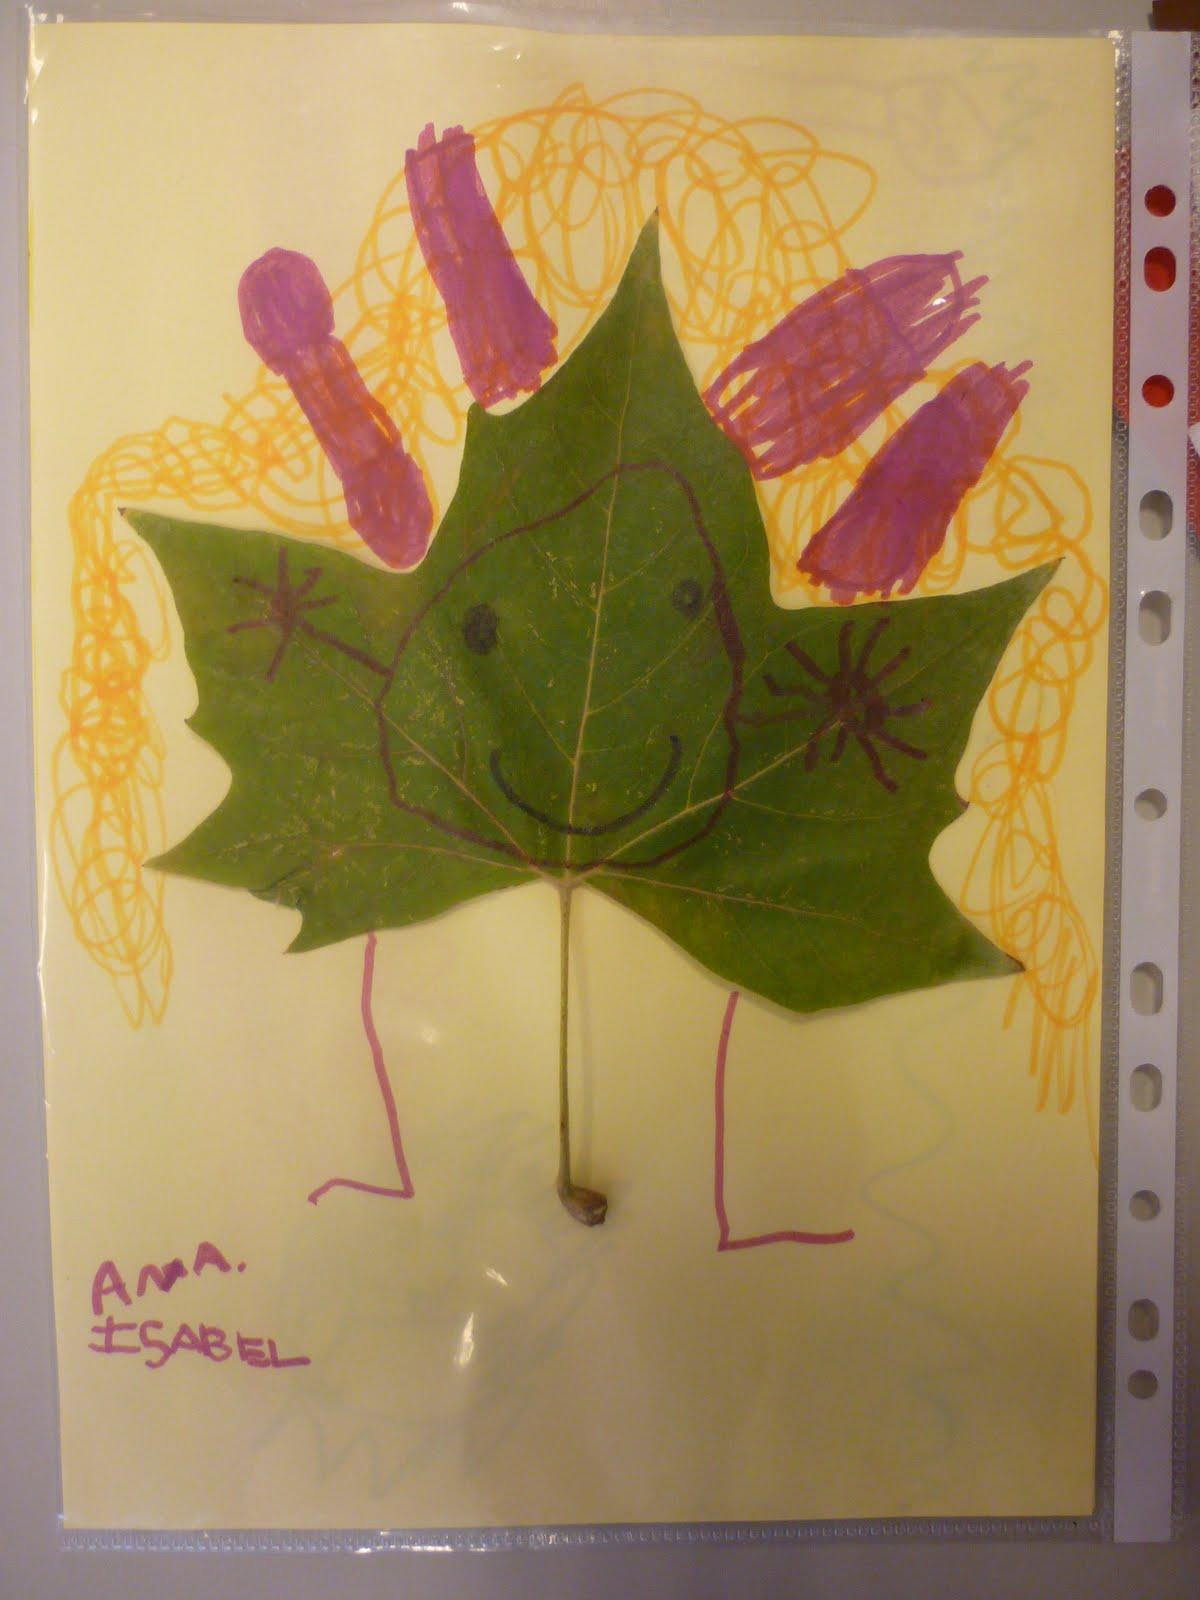 ideias para o outono jardim de infancia : ideias para o outono jardim de infancia: Aires – Sala 3: Interacção jardim de Infância – família – O Outono